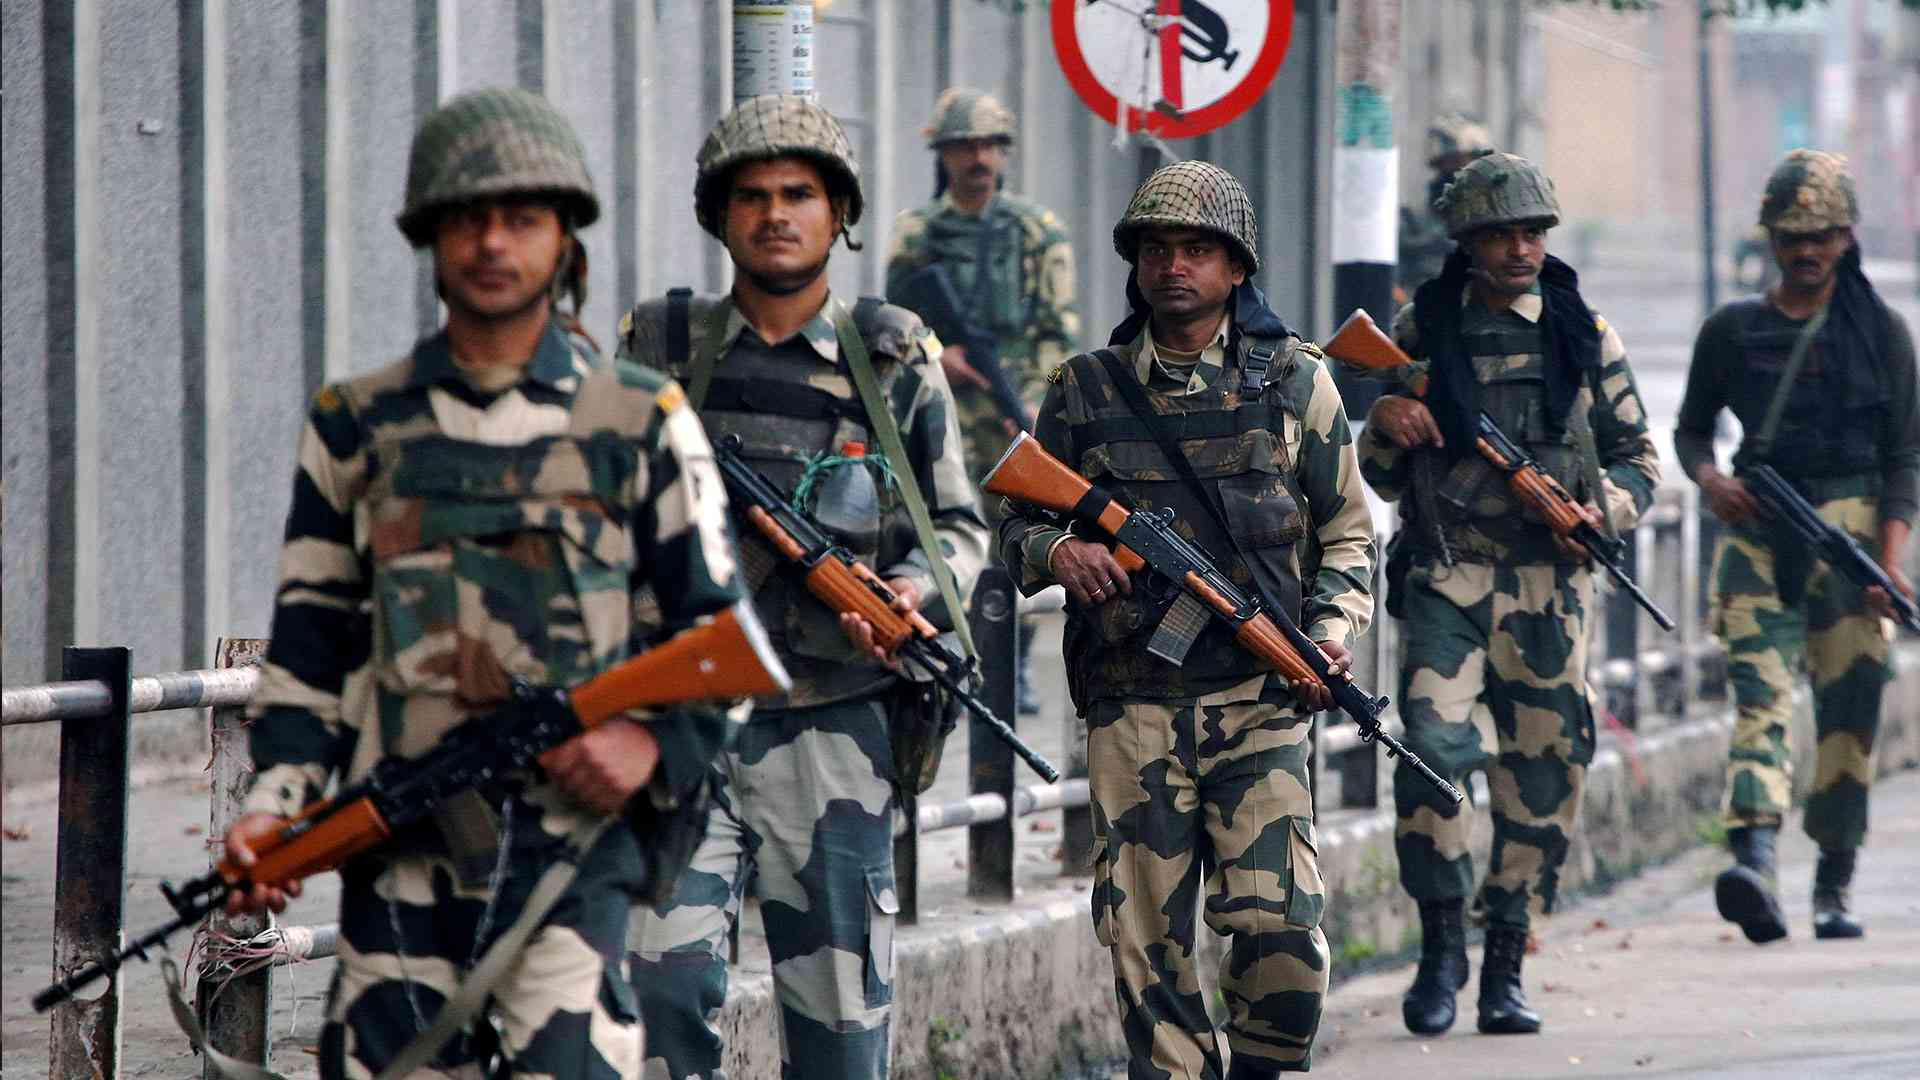 Обострение конфликта Индии с Пакистаном: воздушное пространство закрыто, рейс Дели – Алматы задерживают